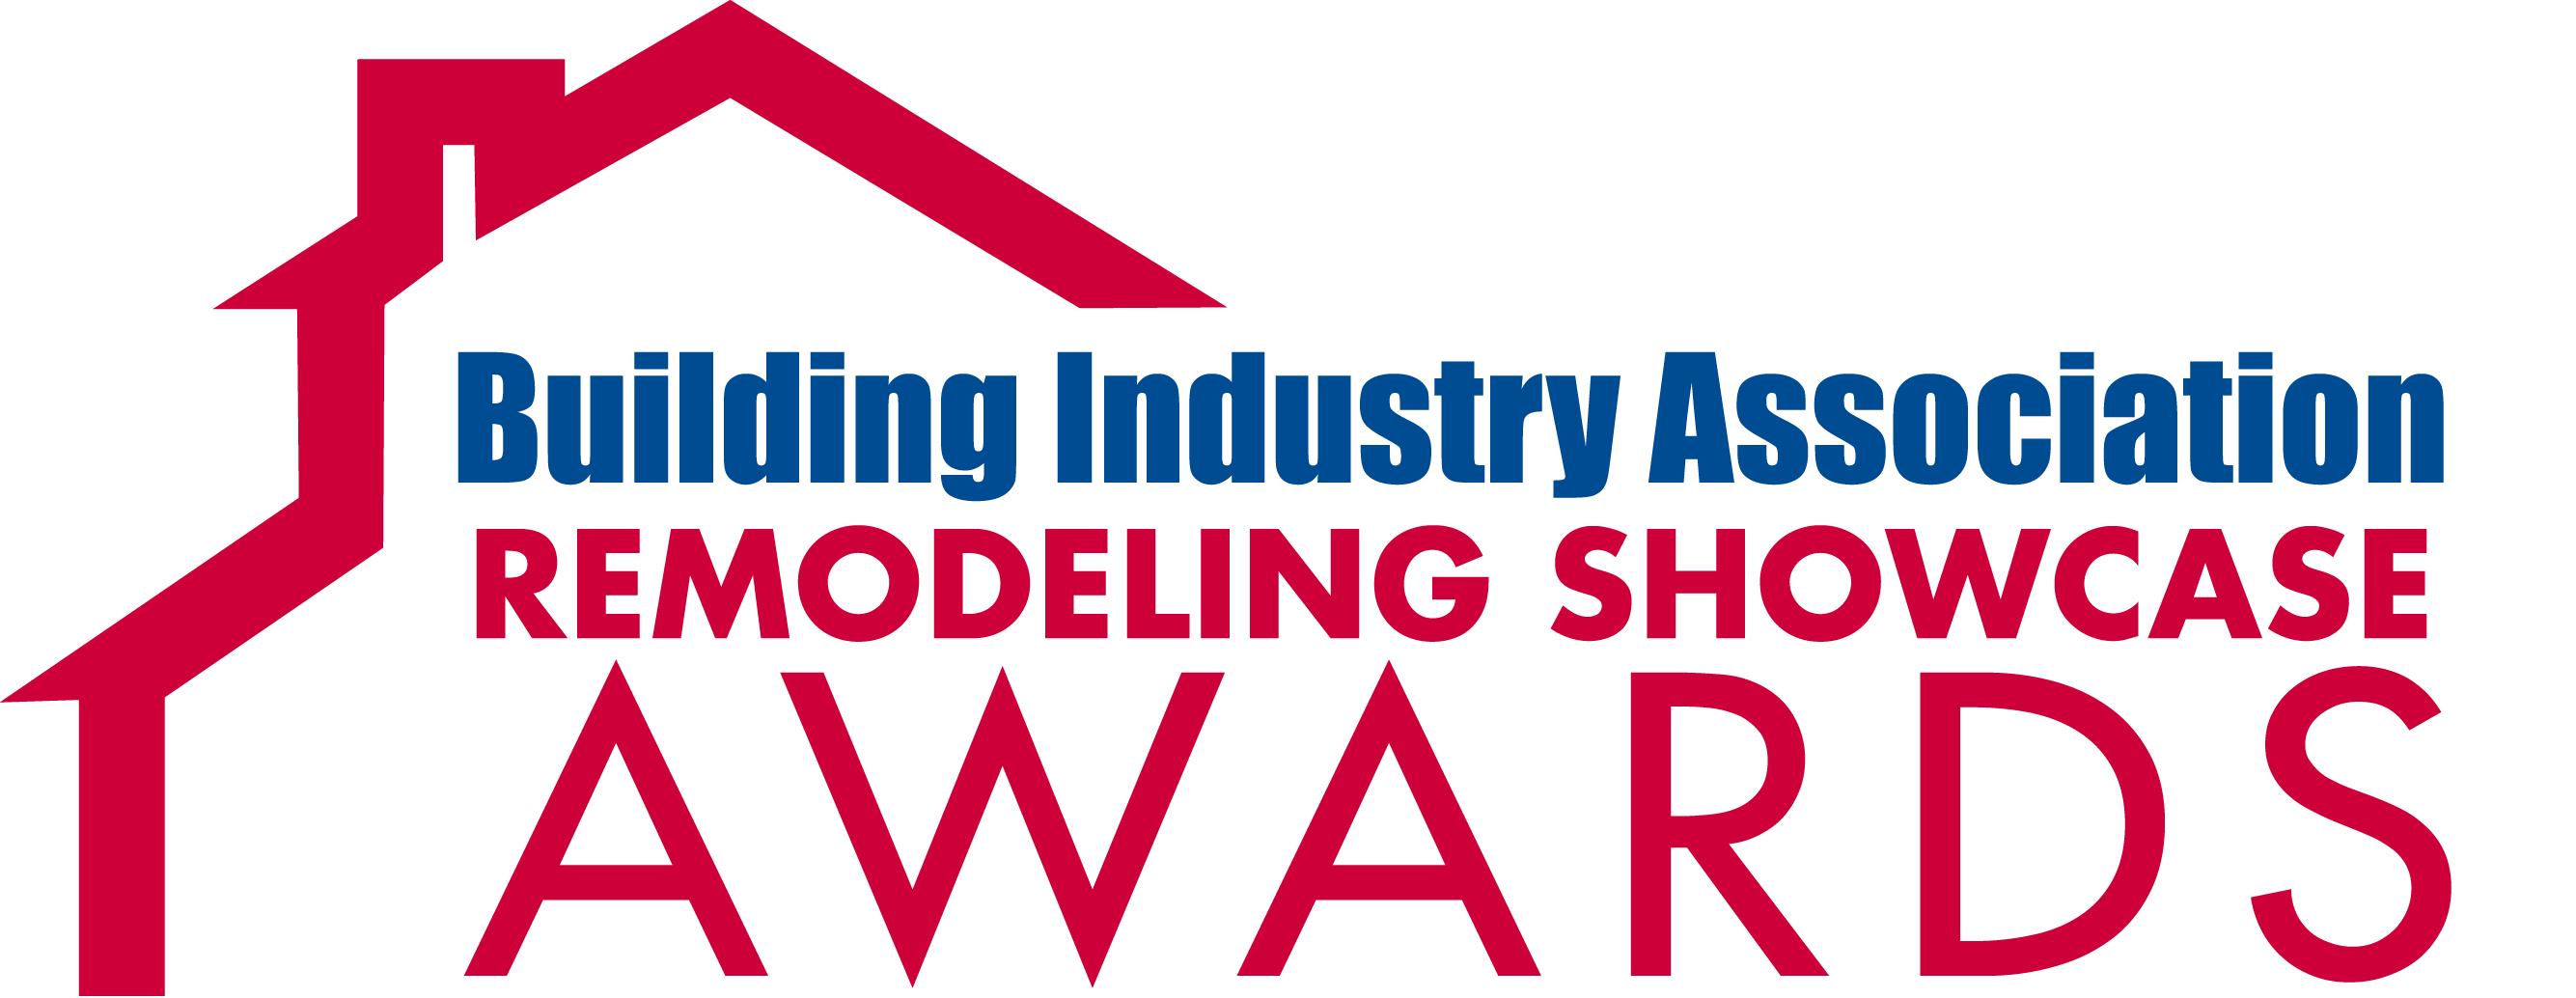 bia remodeling showcase awards logo